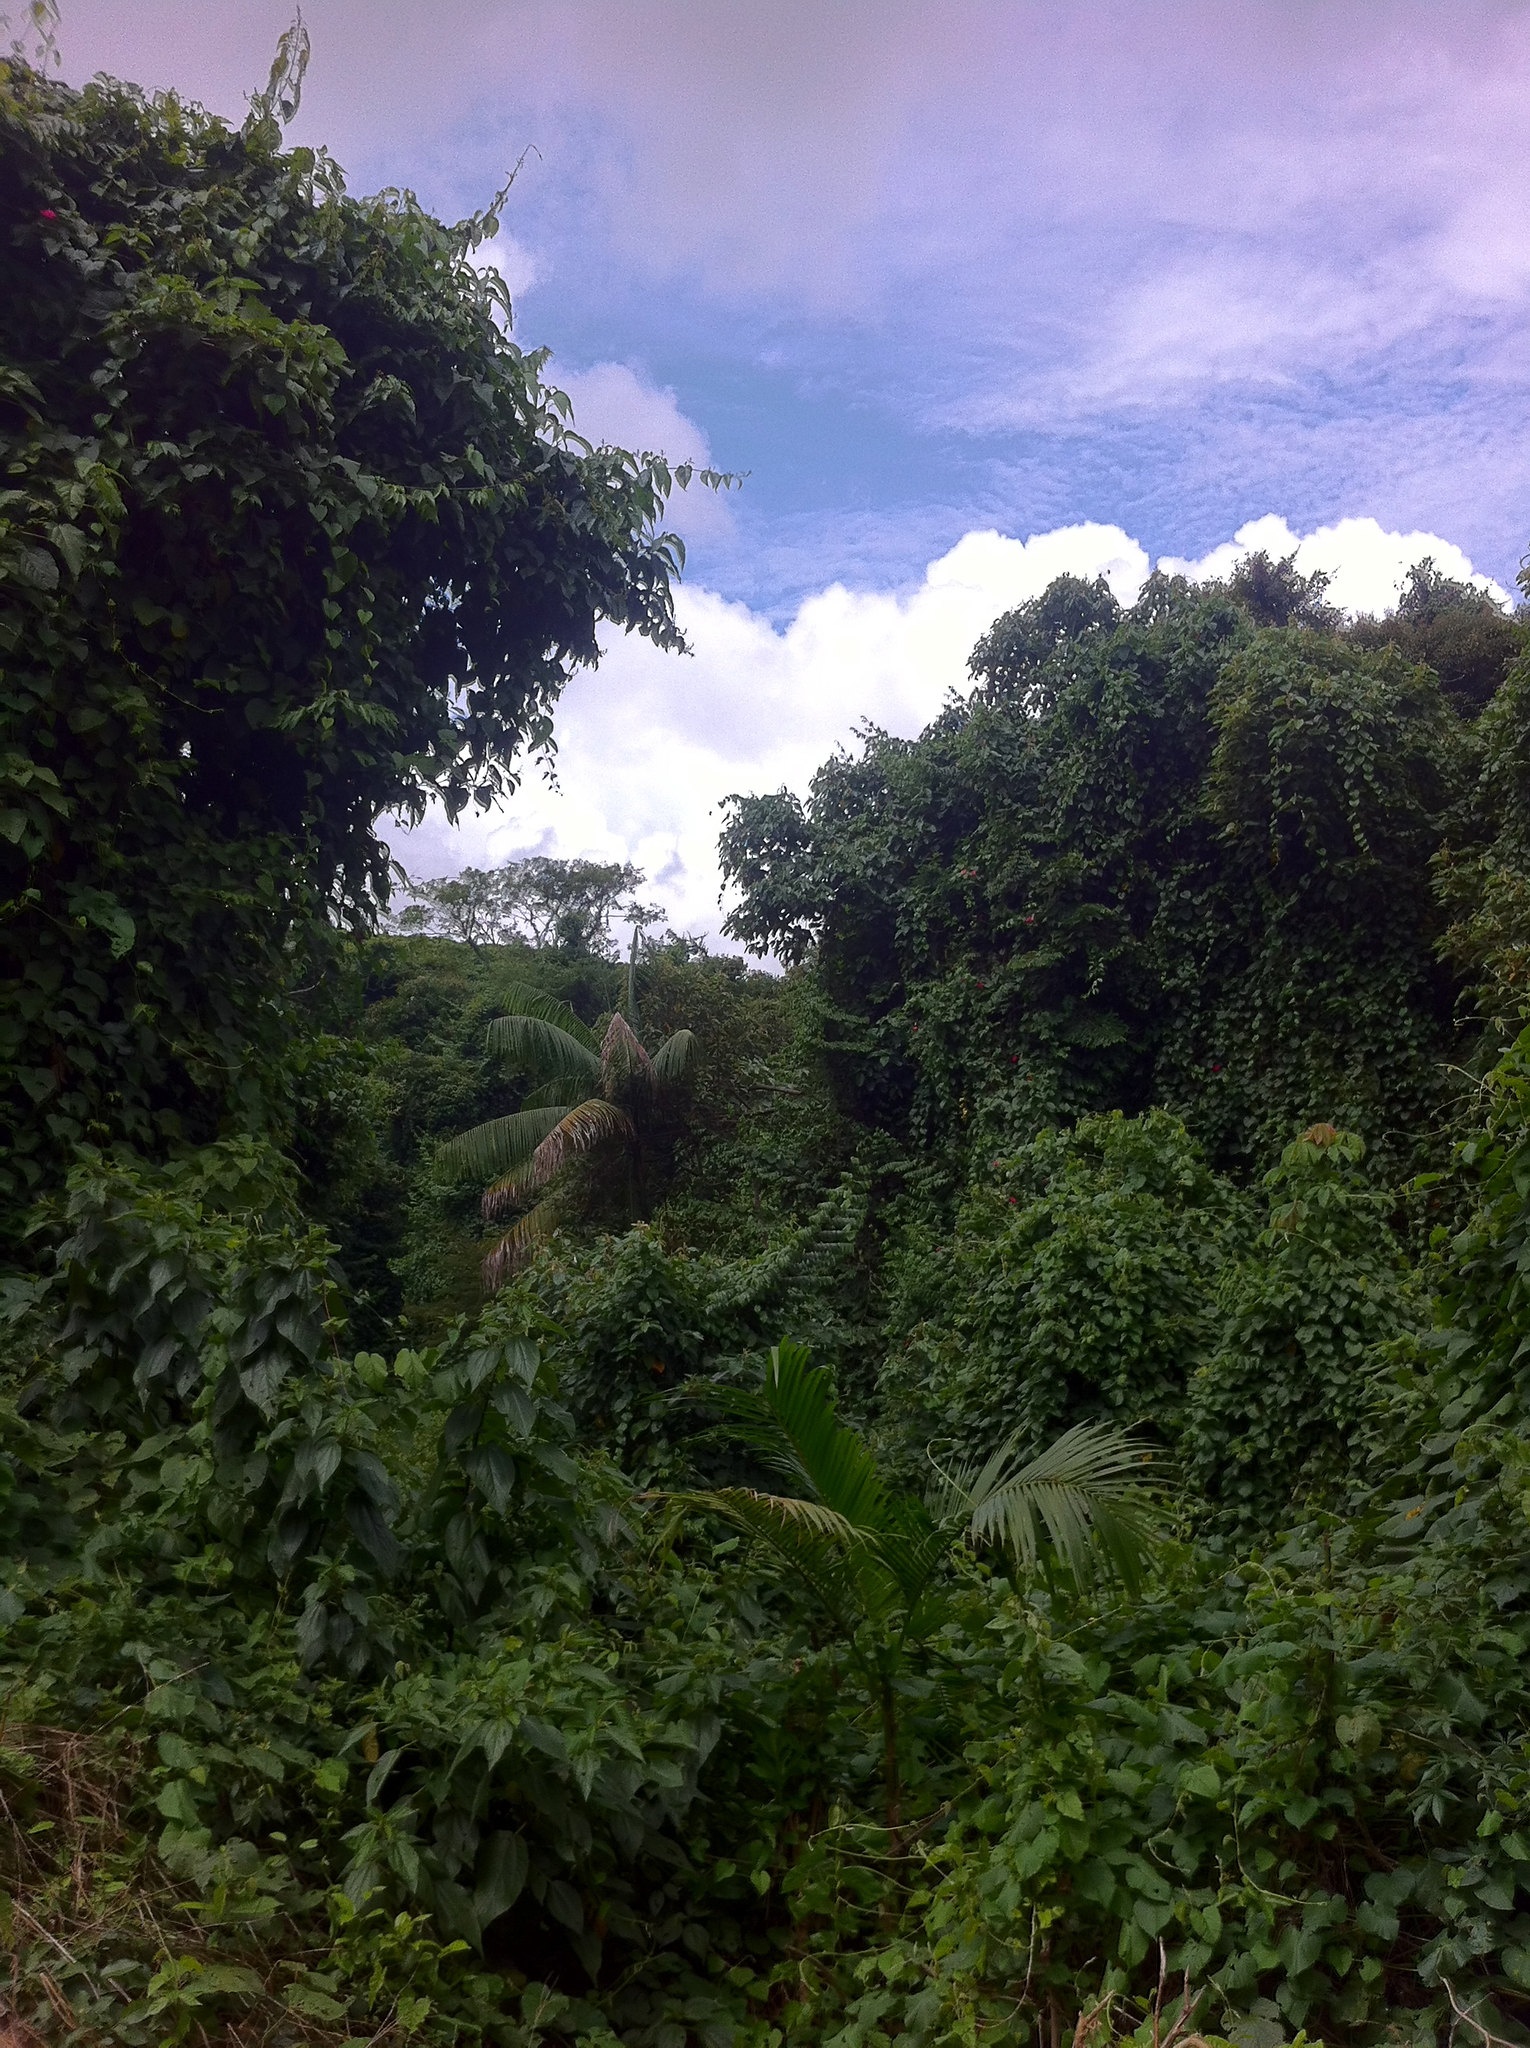 Dense Vegetation